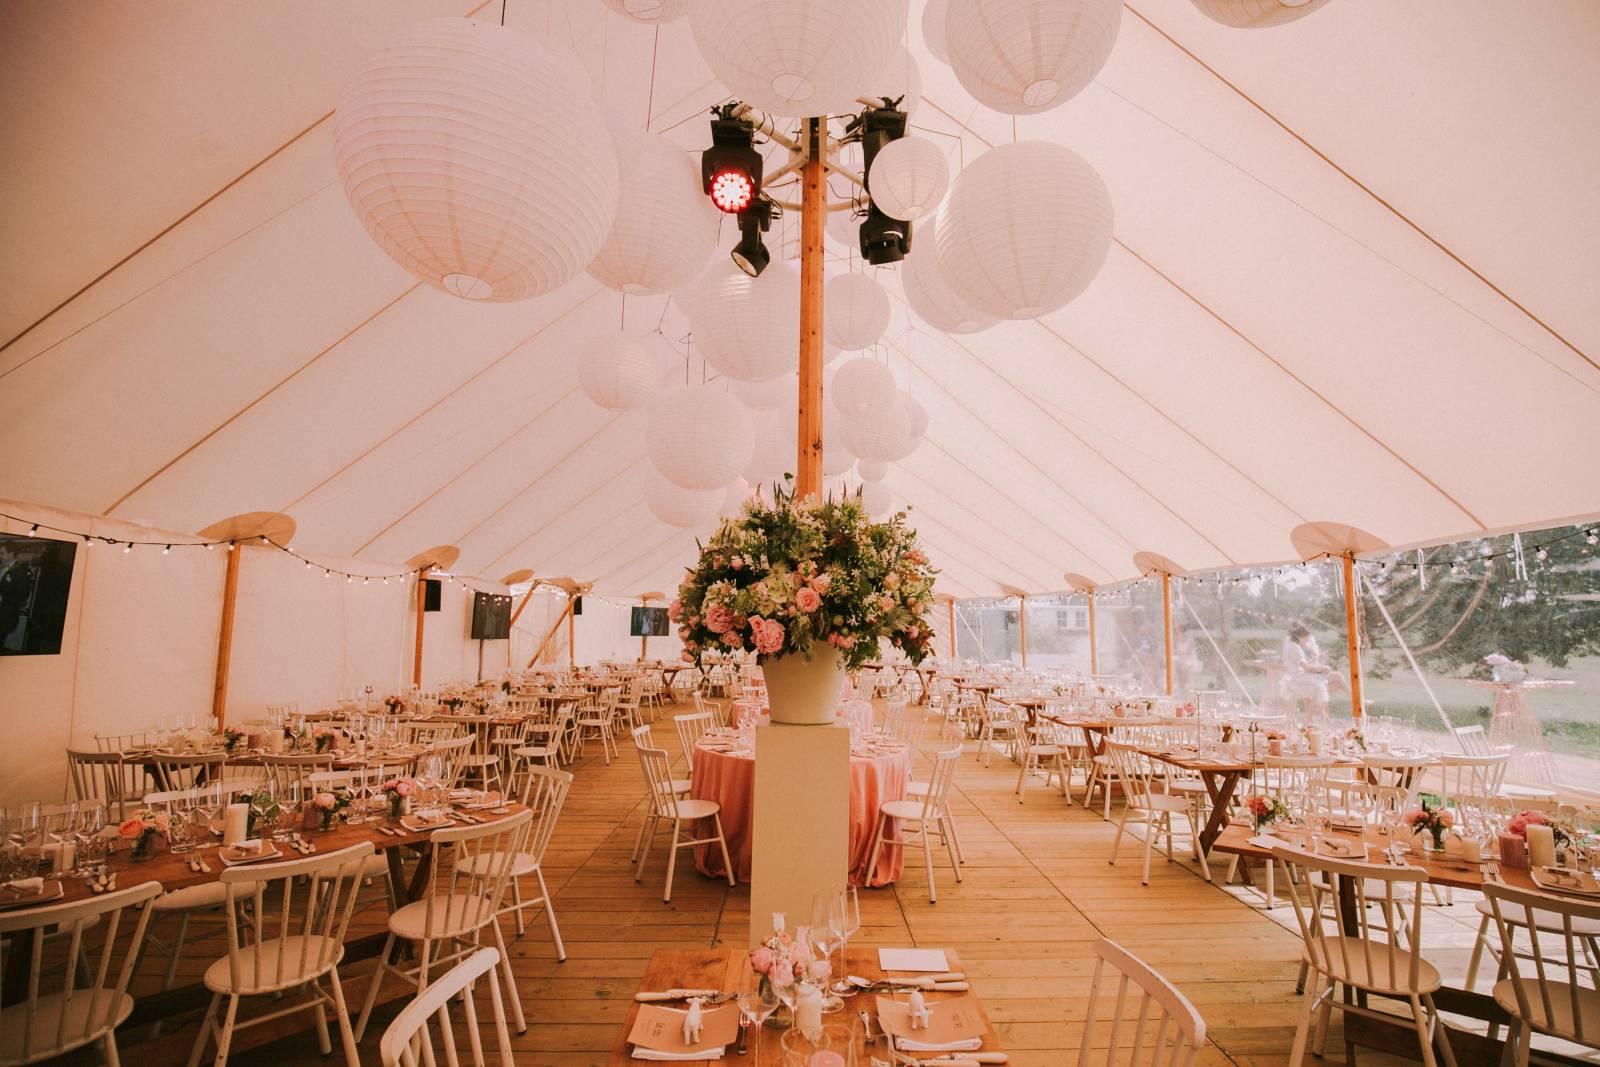 Deldycke - House of Weddings  - 5